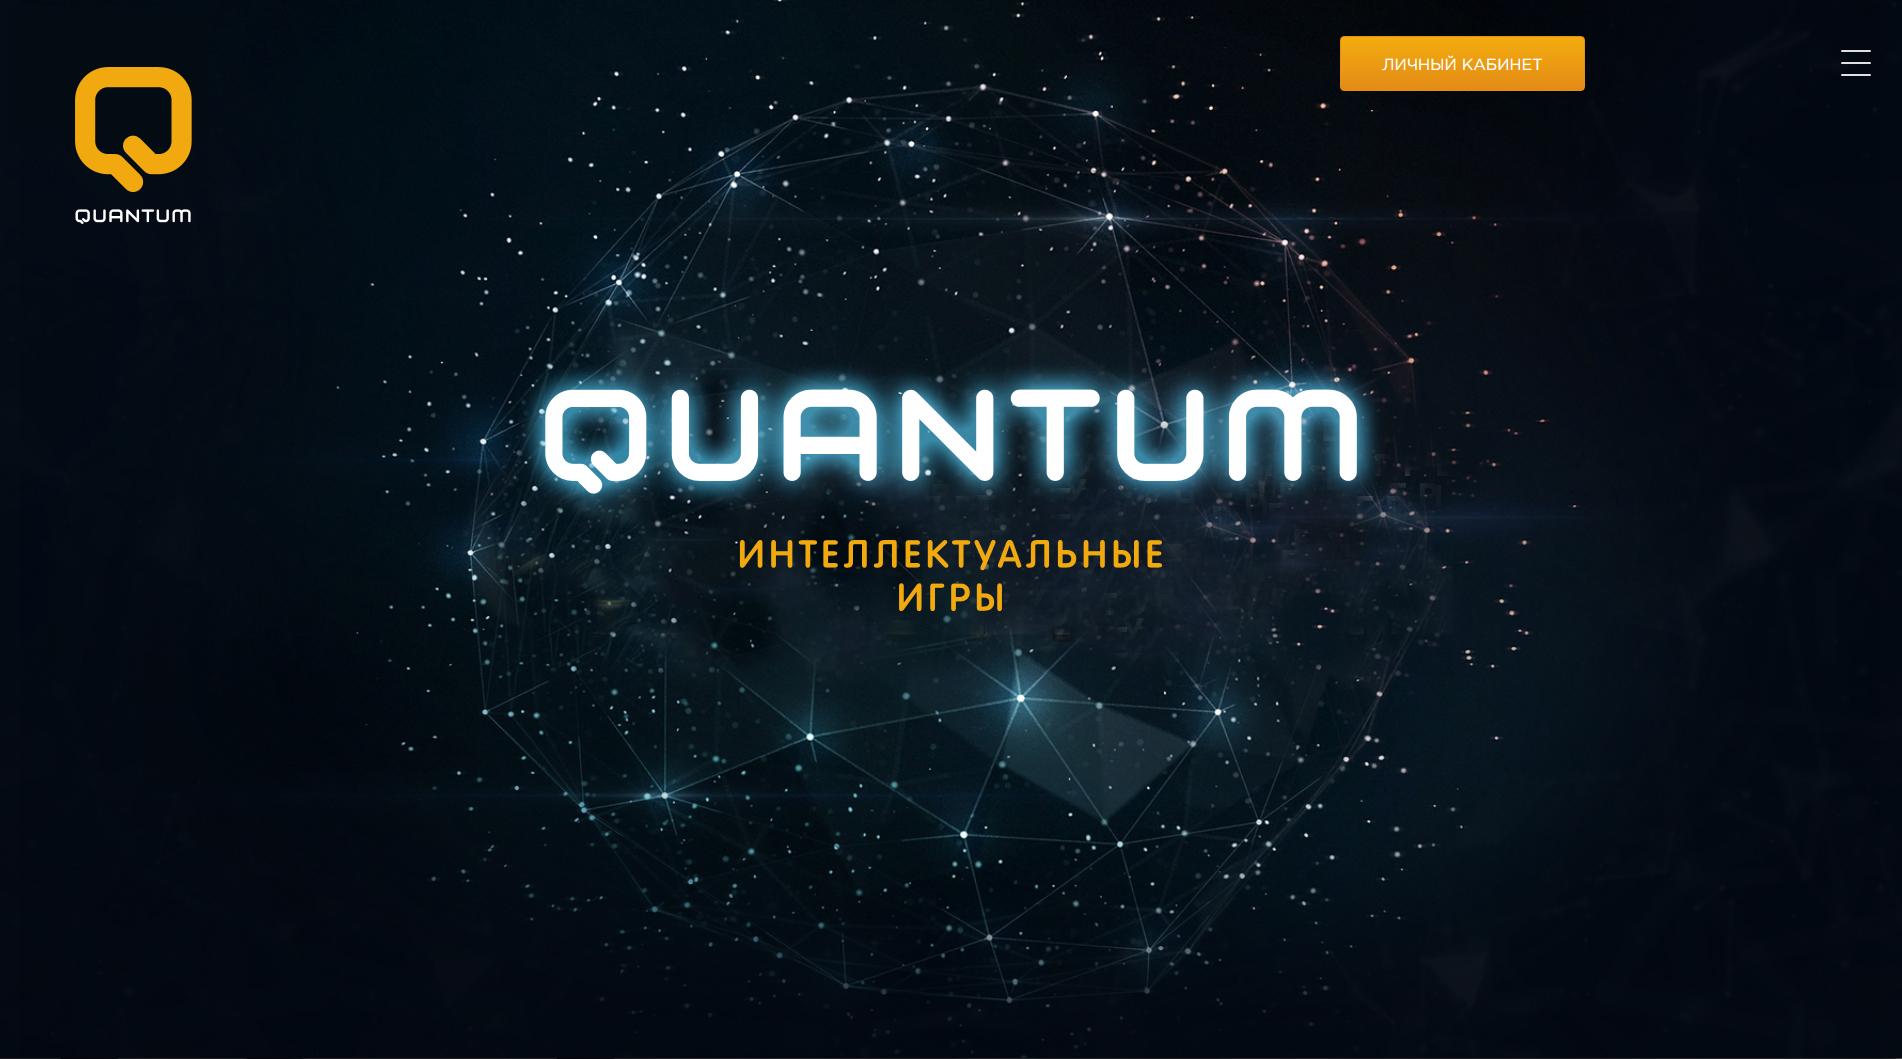 Редизайн логотипа бренда интеллектуальной игры фото f_2495bc346630c805.jpg